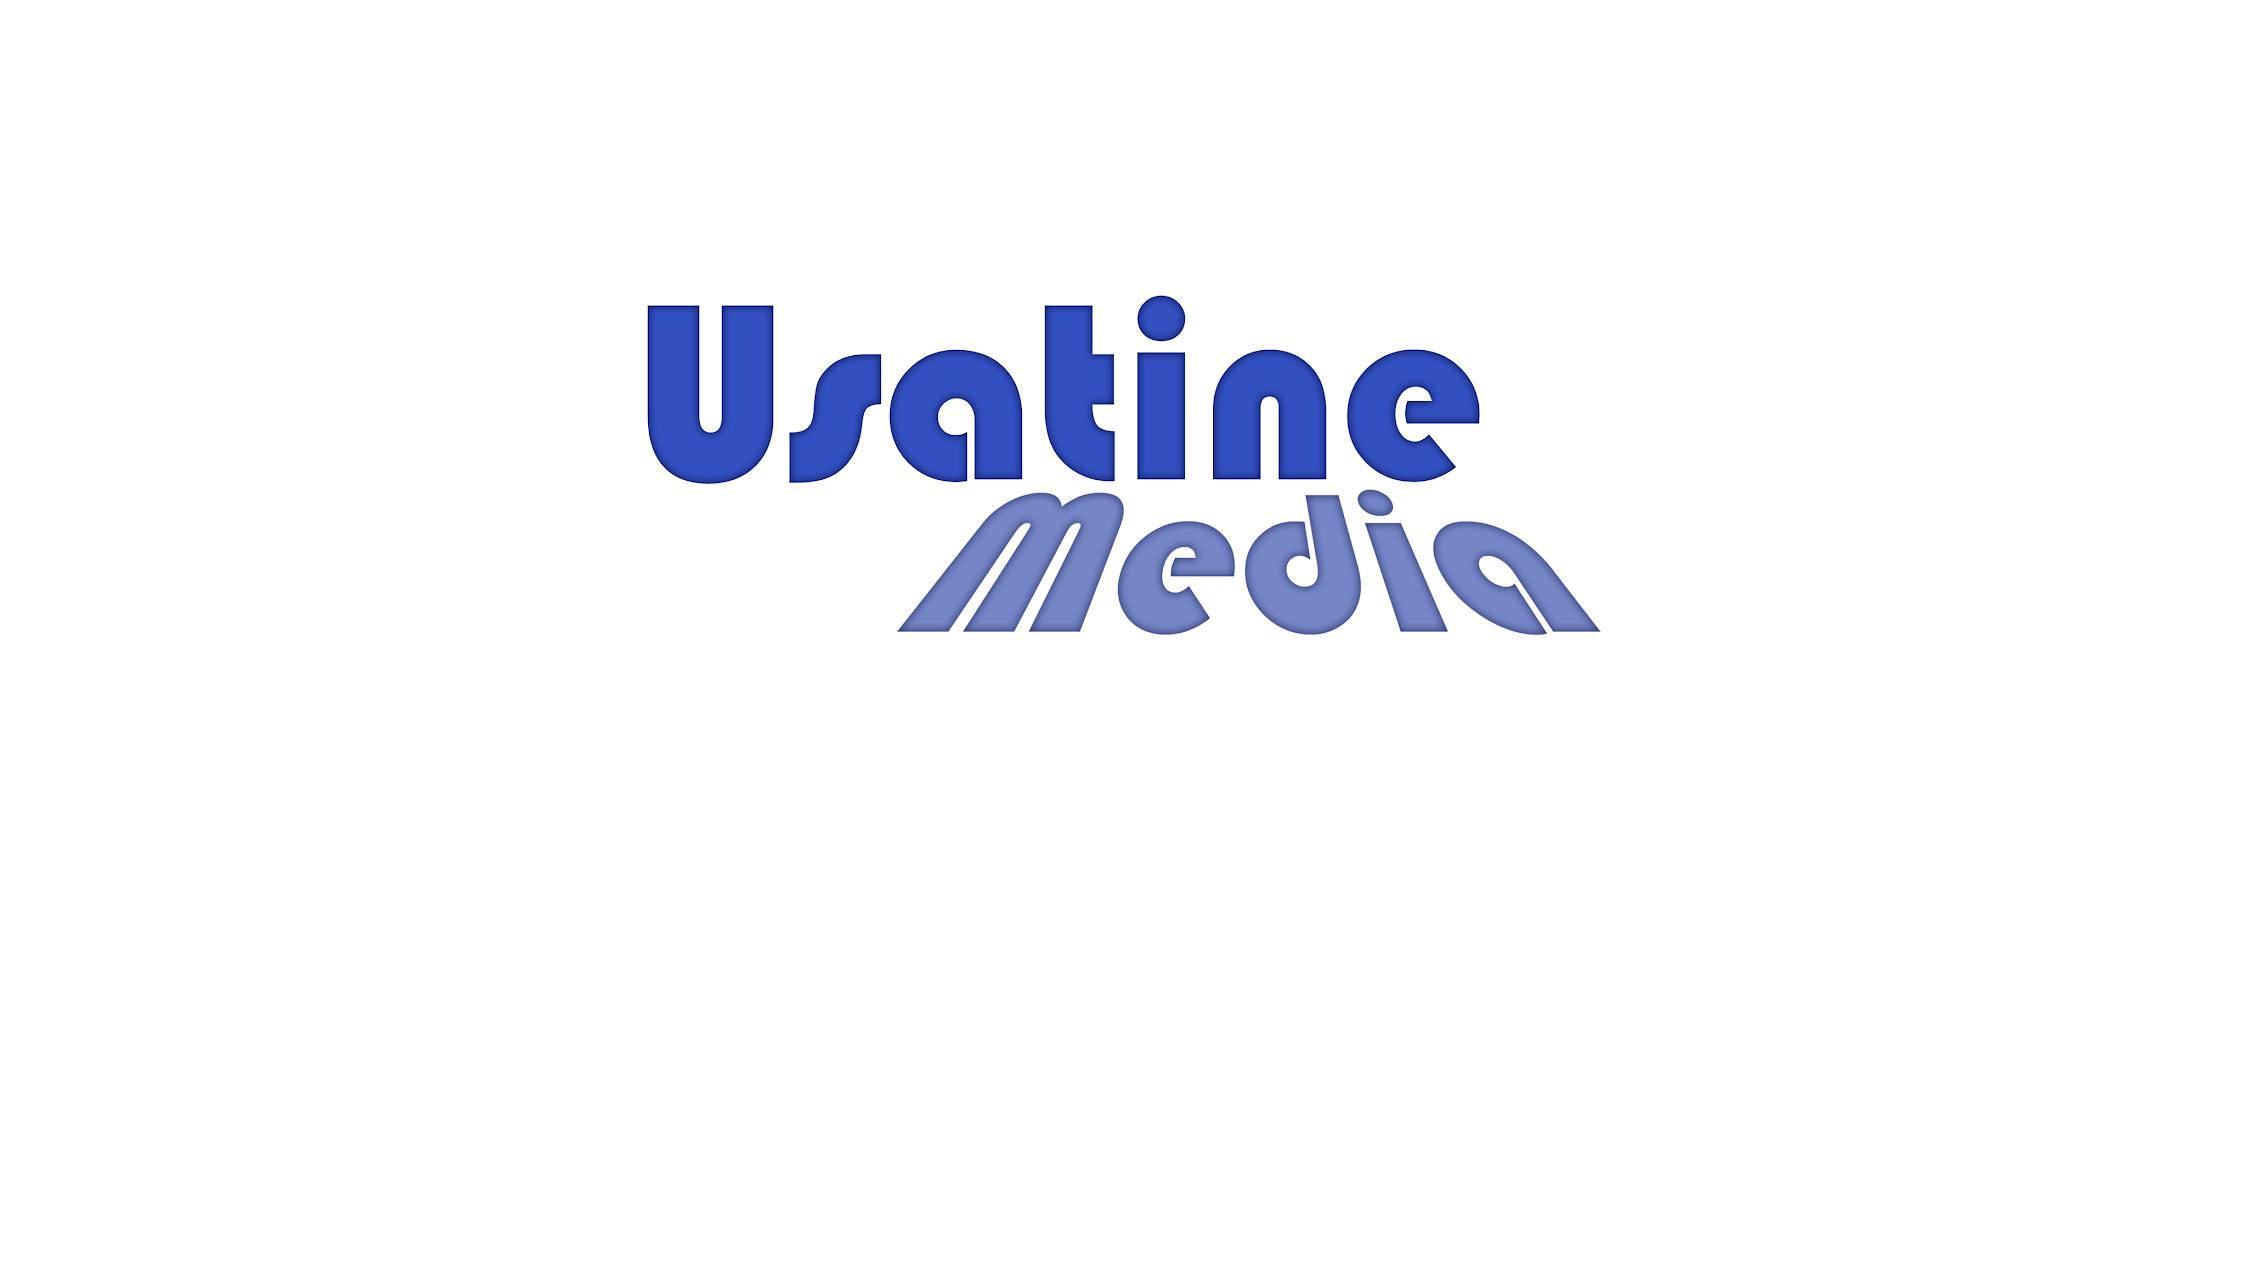 Usatine Media LLC